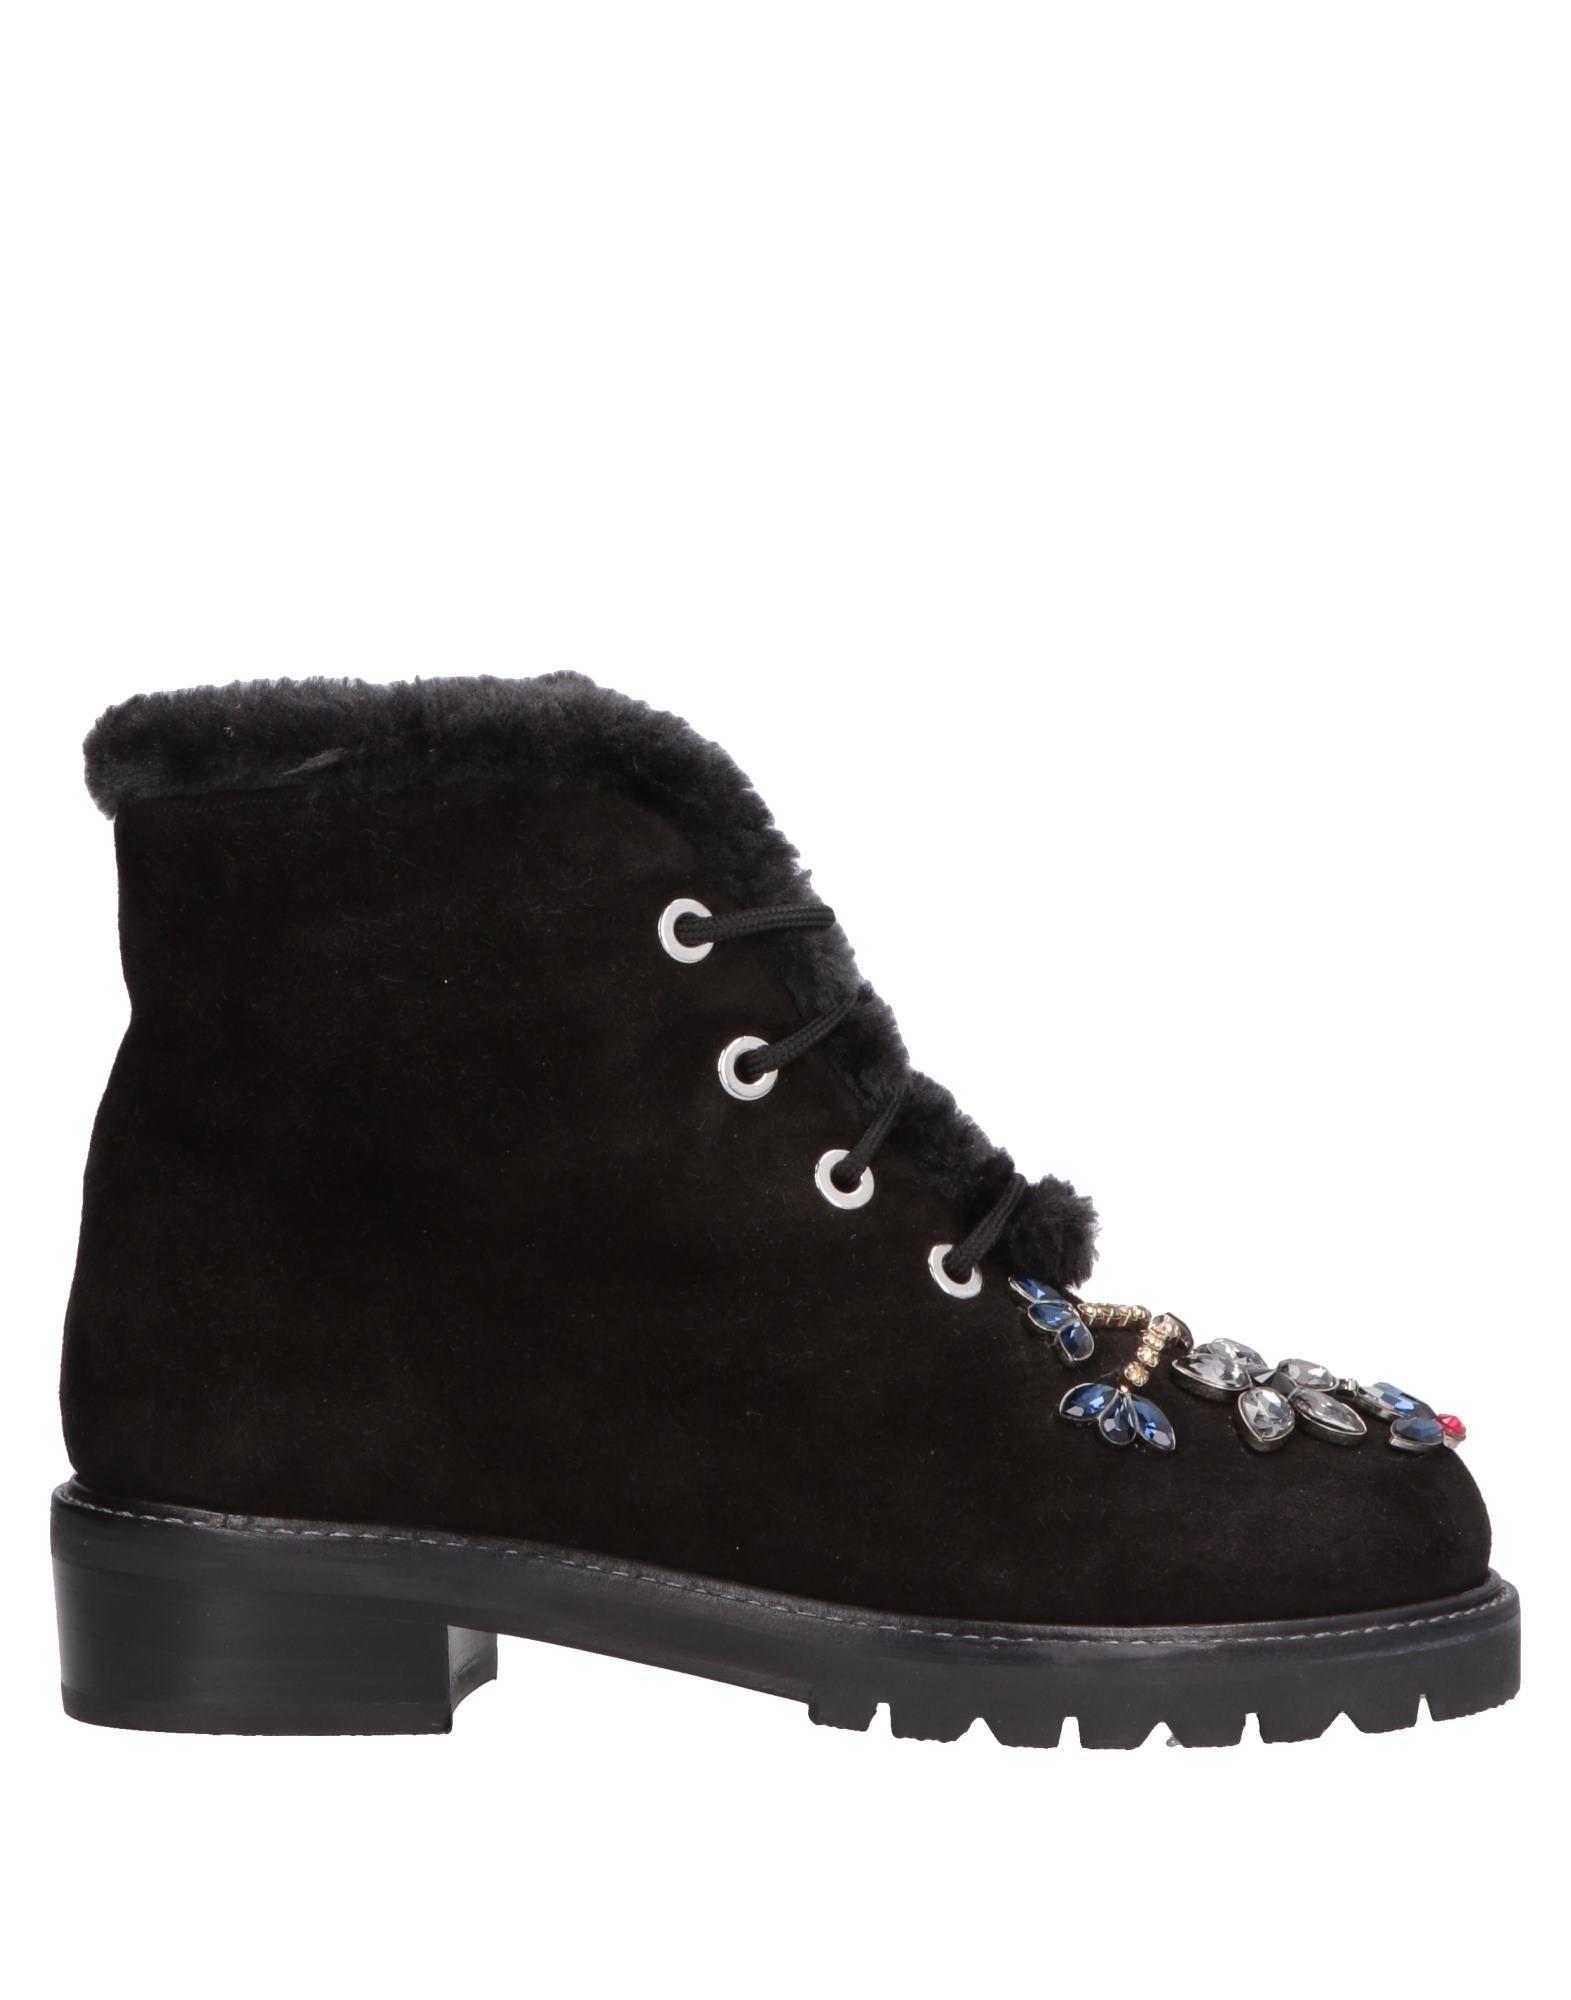 Stuart Weitzman Stiefelette Damen  Schuhe 11569427LGGünstige gut aussehende Schuhe  0a851f